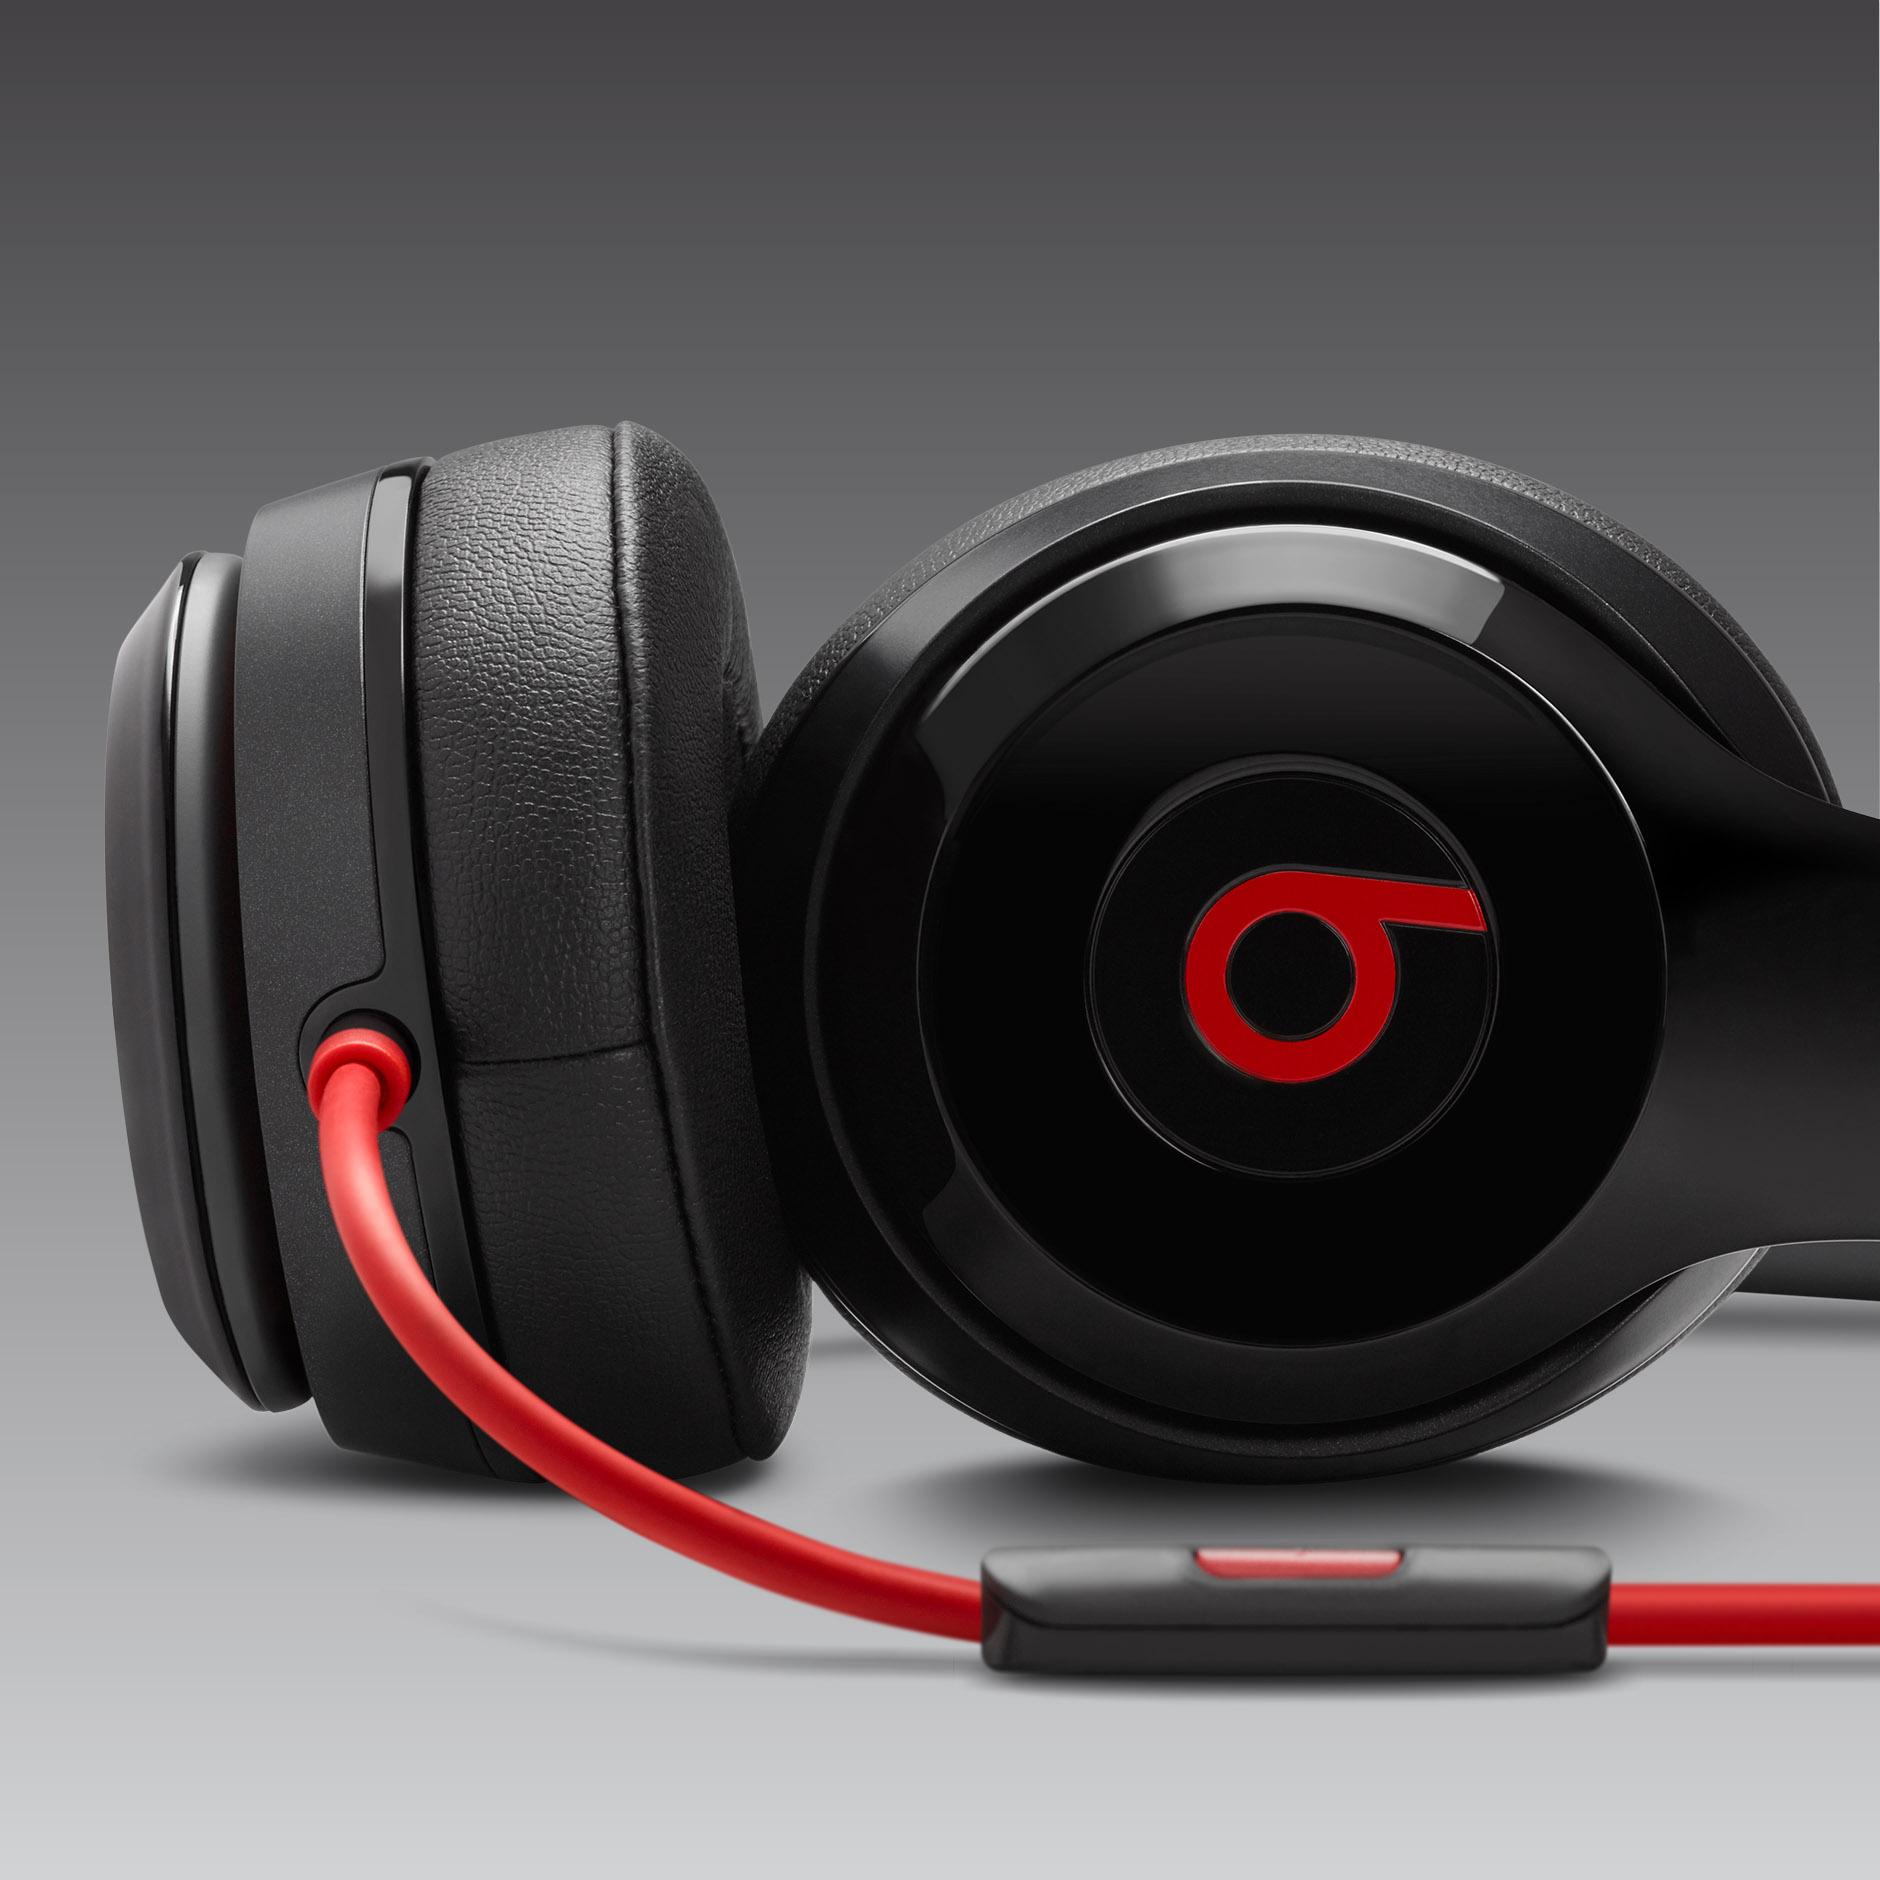 Beats Solo2 On-Ear Headphones - Beats by Dre